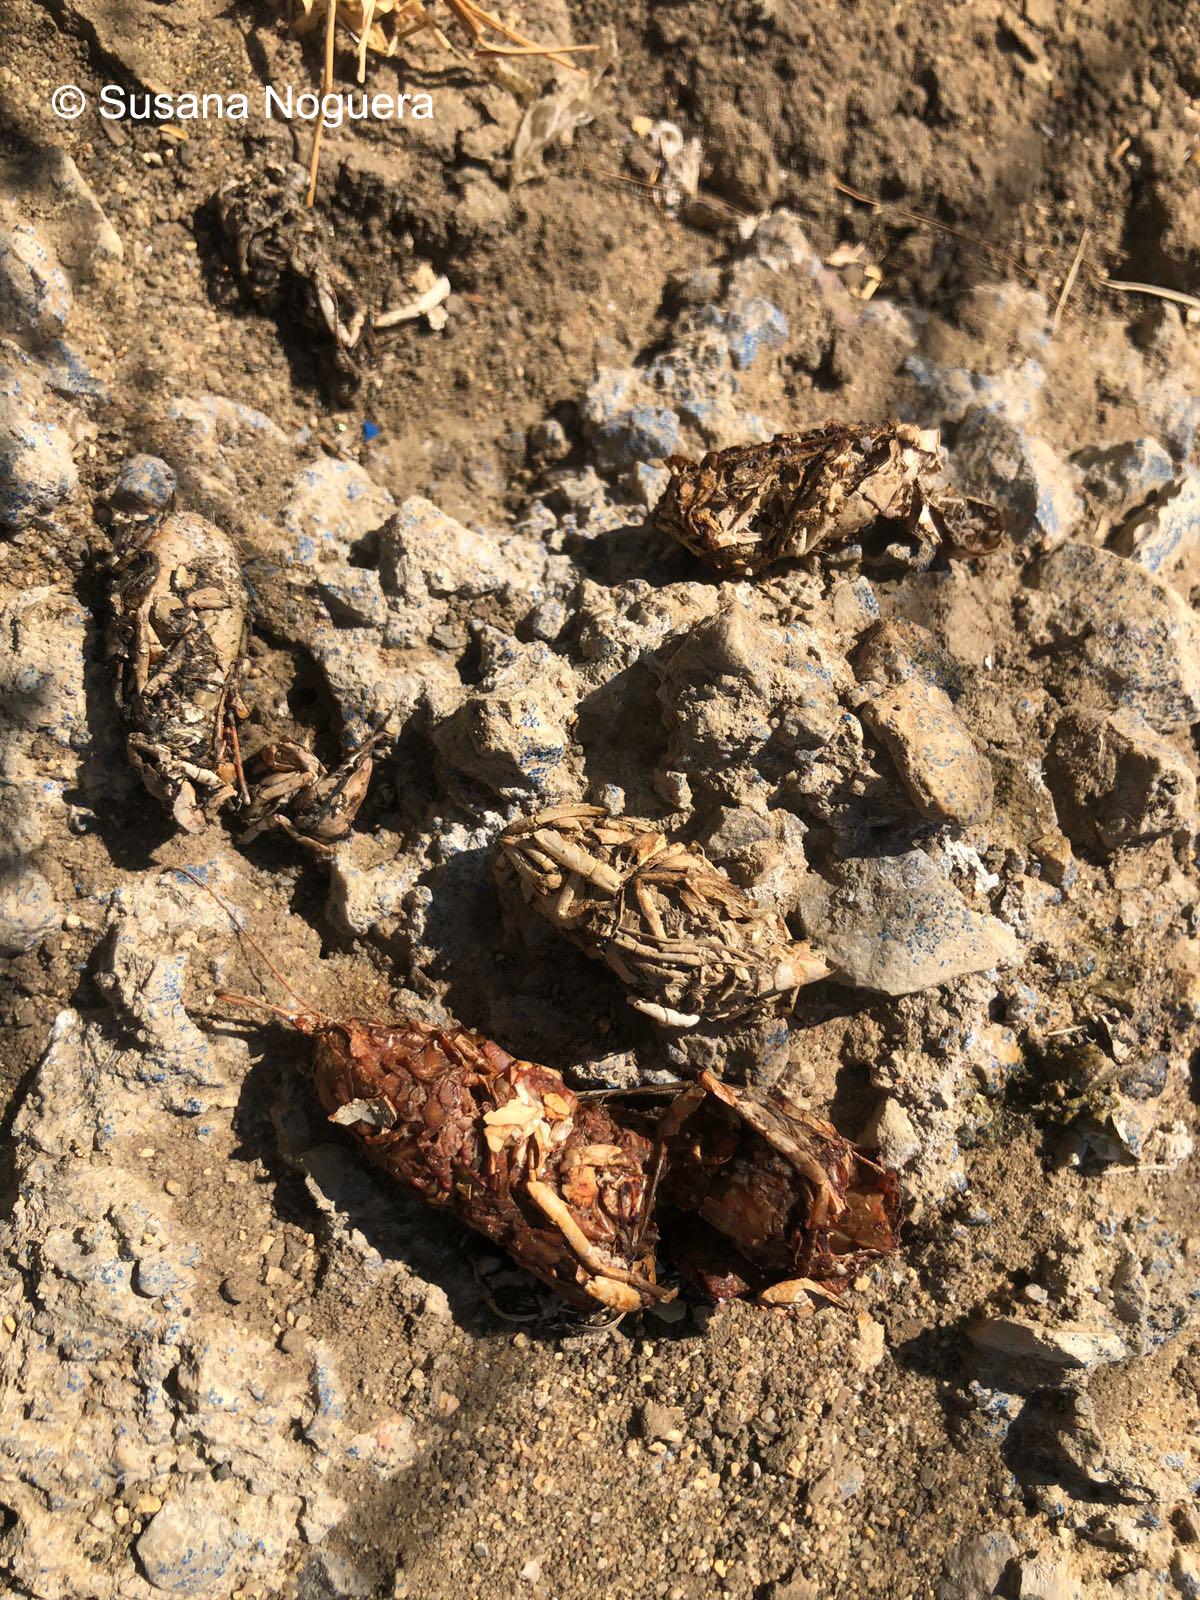 Excrementos de nutria. Imagen: Susana Noguera Hernández